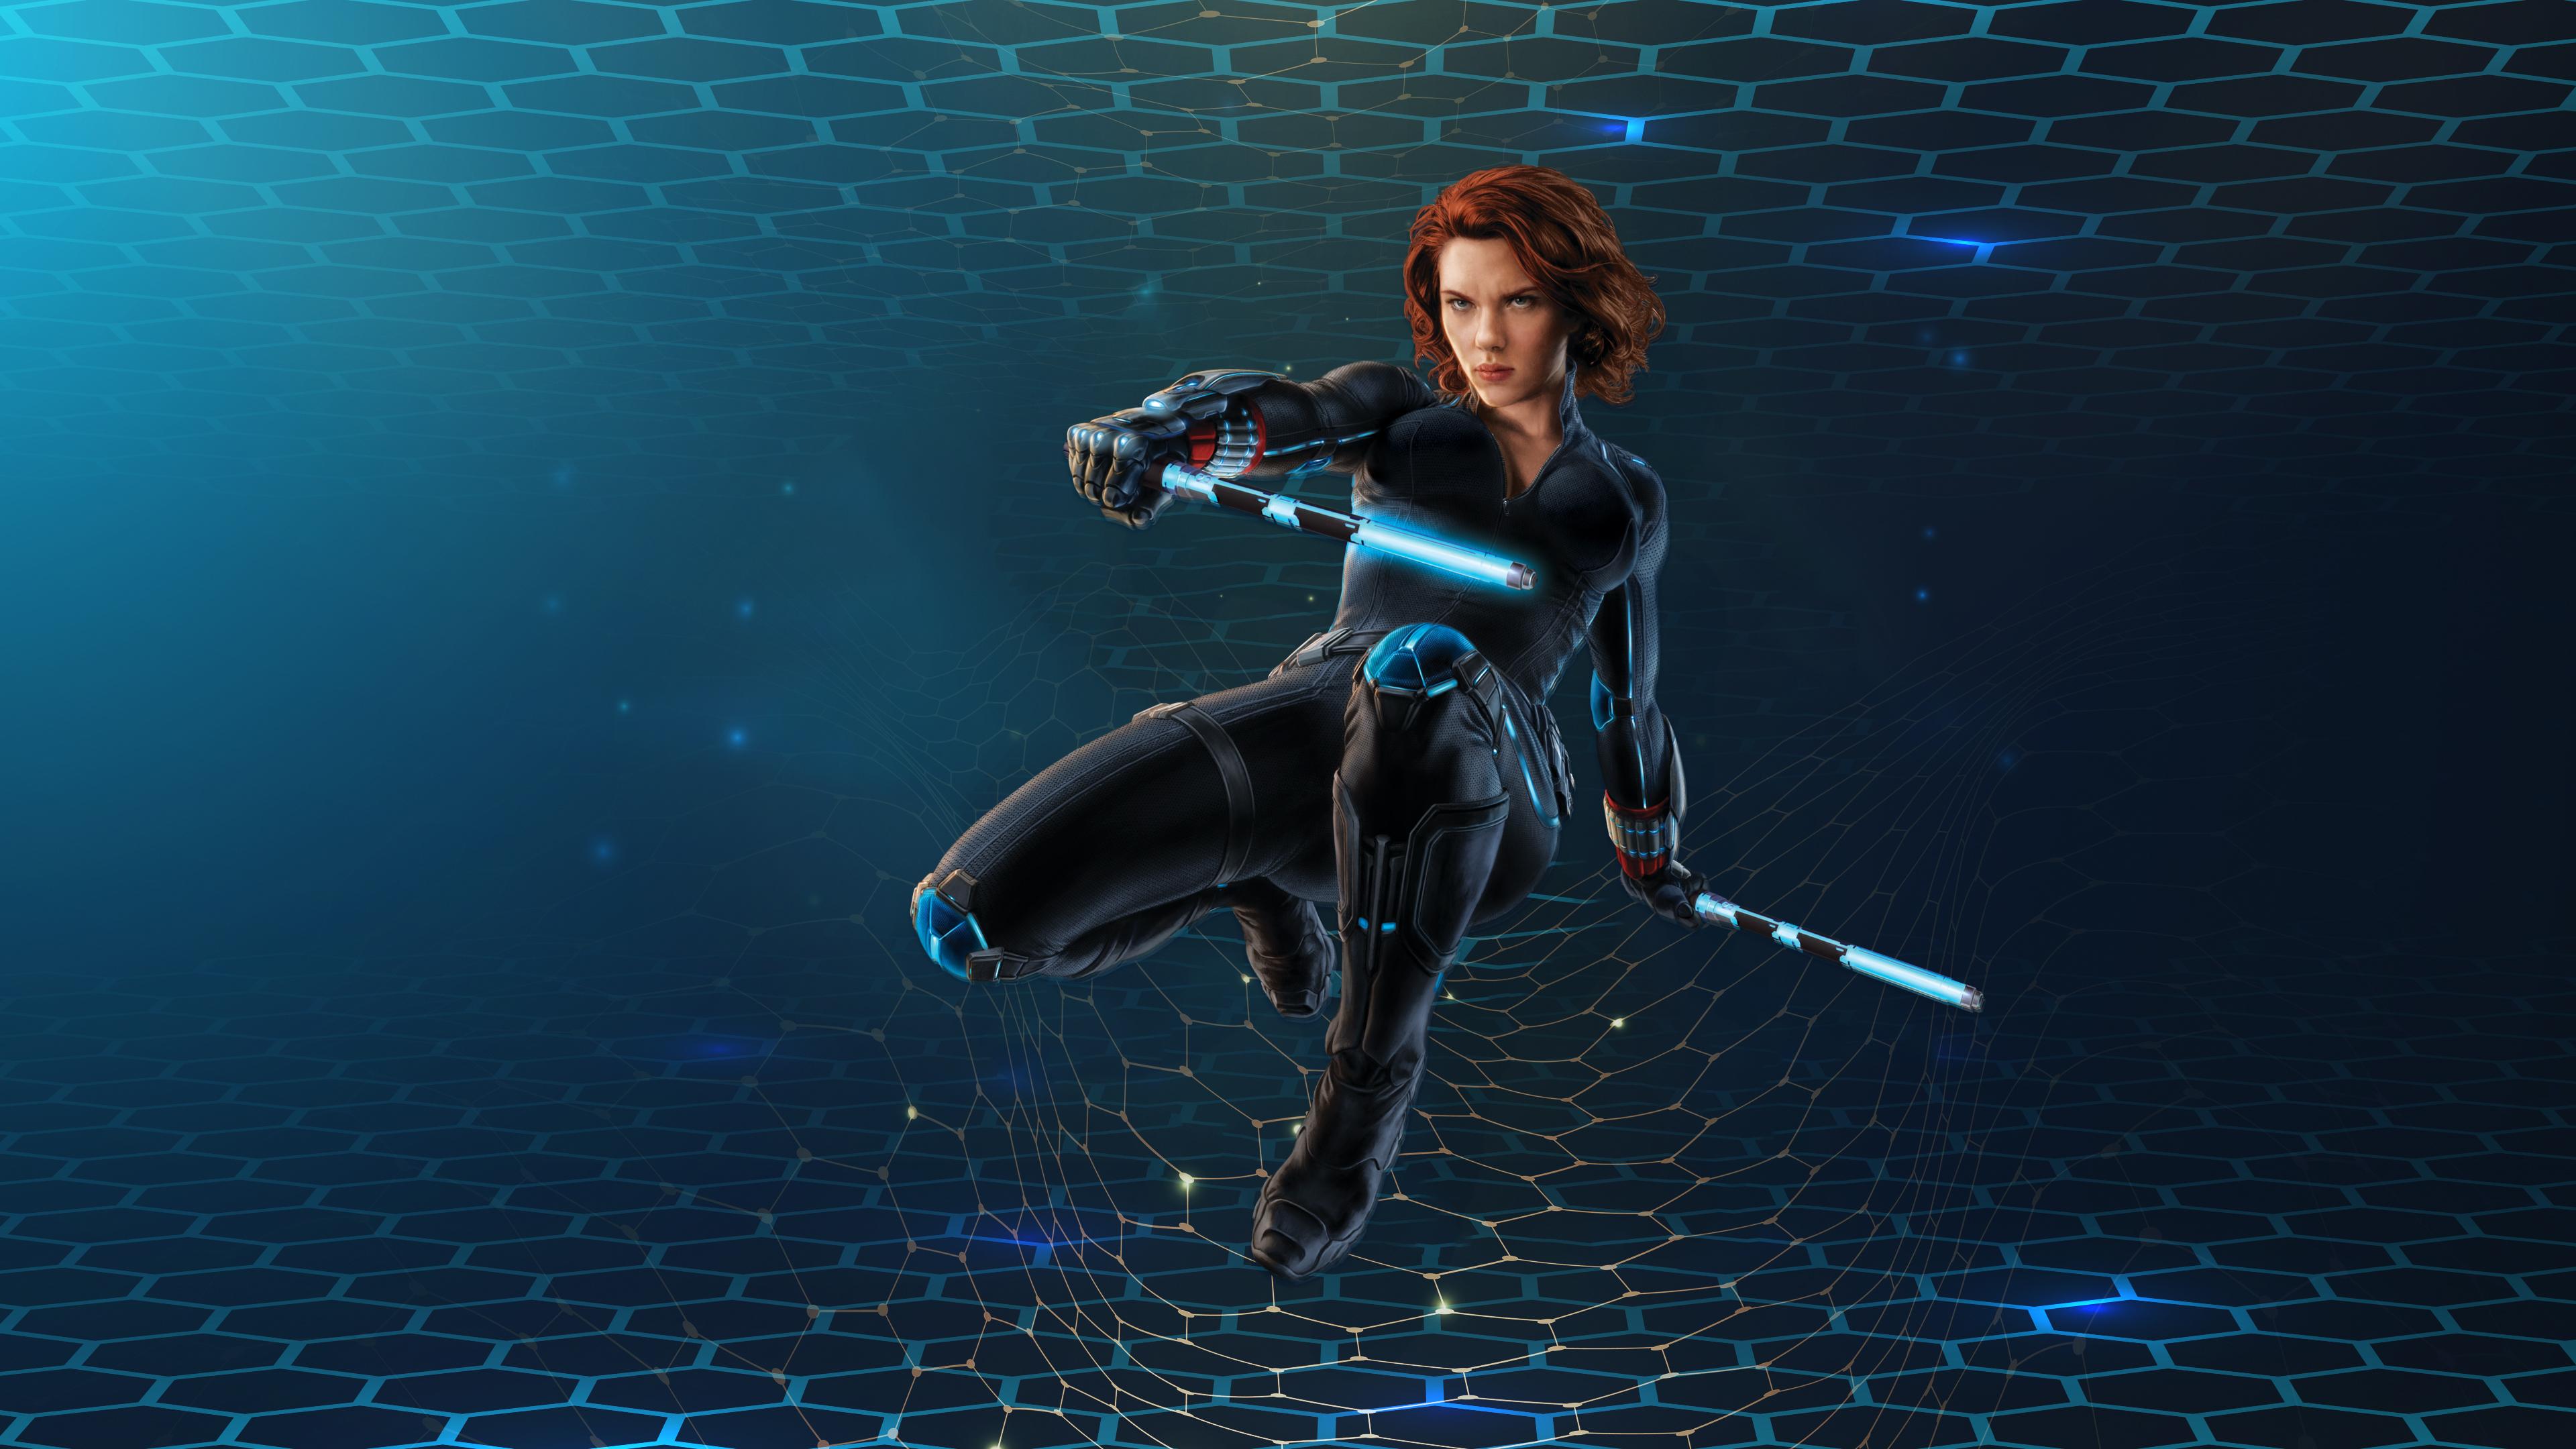 Black Widow 3d 4k Hd Superheroes 4k Wallpapers Images